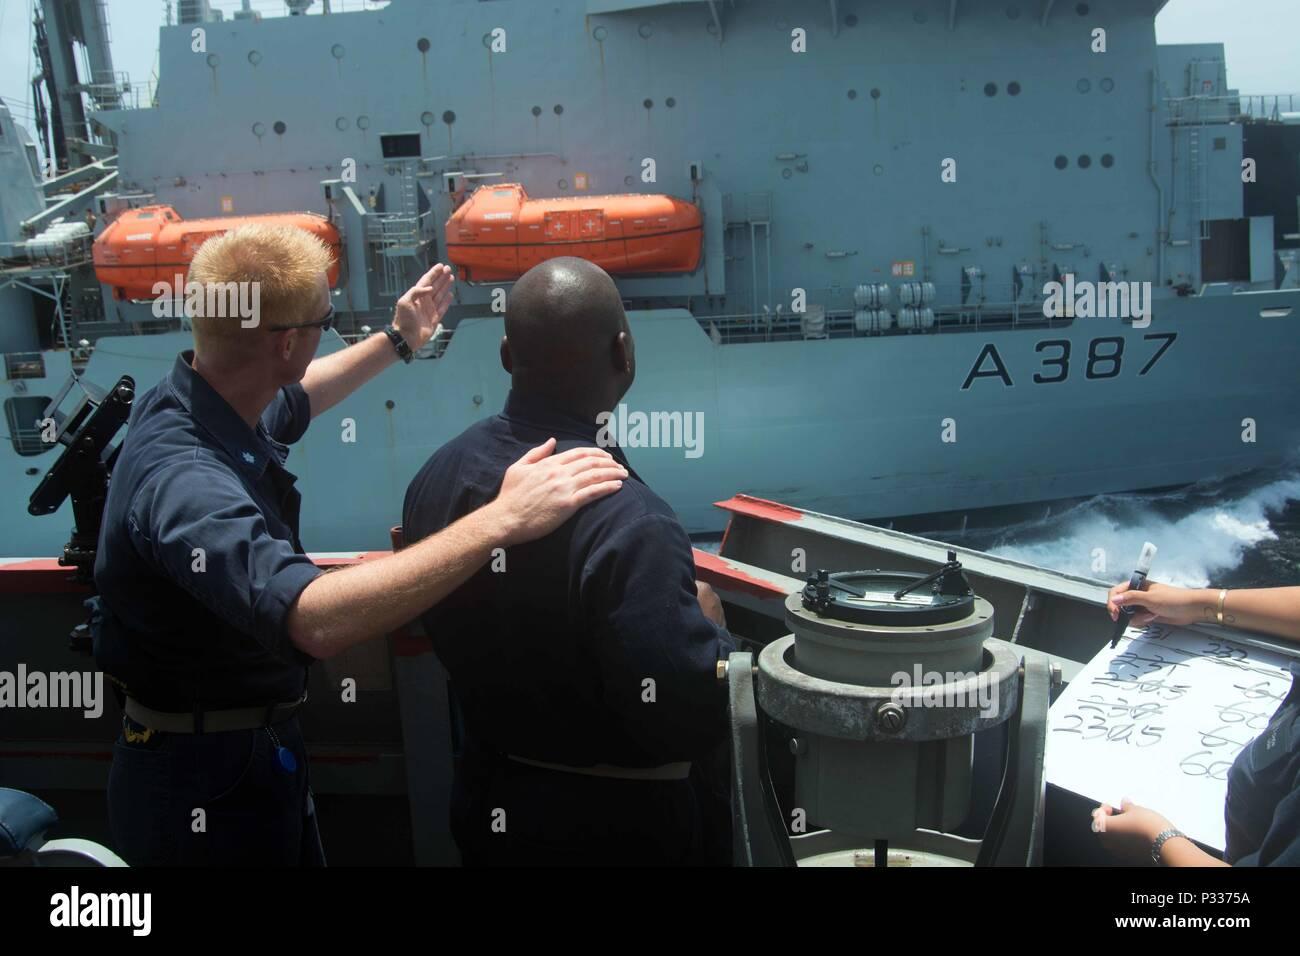 160825-N-CL027-265 Golfo di Oman (Agosto 25, 2016) Lt. Larry Persona, da Riverdale, Ga., agisce come a fianco di conning officer sotto le istruzioni della Cmdr. Stephen W. Aldridge, da Springfield, Virginia, sul ponte di porta ala del guidato-missile destroyer USS Mason (DDG 87) durante un rifornimento in mare con il lubrificatore ausiliario nave rifornimento RFA Fort Victoria . Mason, distribuito come parte di Eisenhower Carrier Strike gruppo, è di sostenere le operazioni di sicurezza marittima e di teatro la cooperazione in materia di sicurezza gli sforzi negli Stati Uniti Quinta Flotta area di operazioni. (U.S. Navy foto di comunicazione di massa Immagini Stock